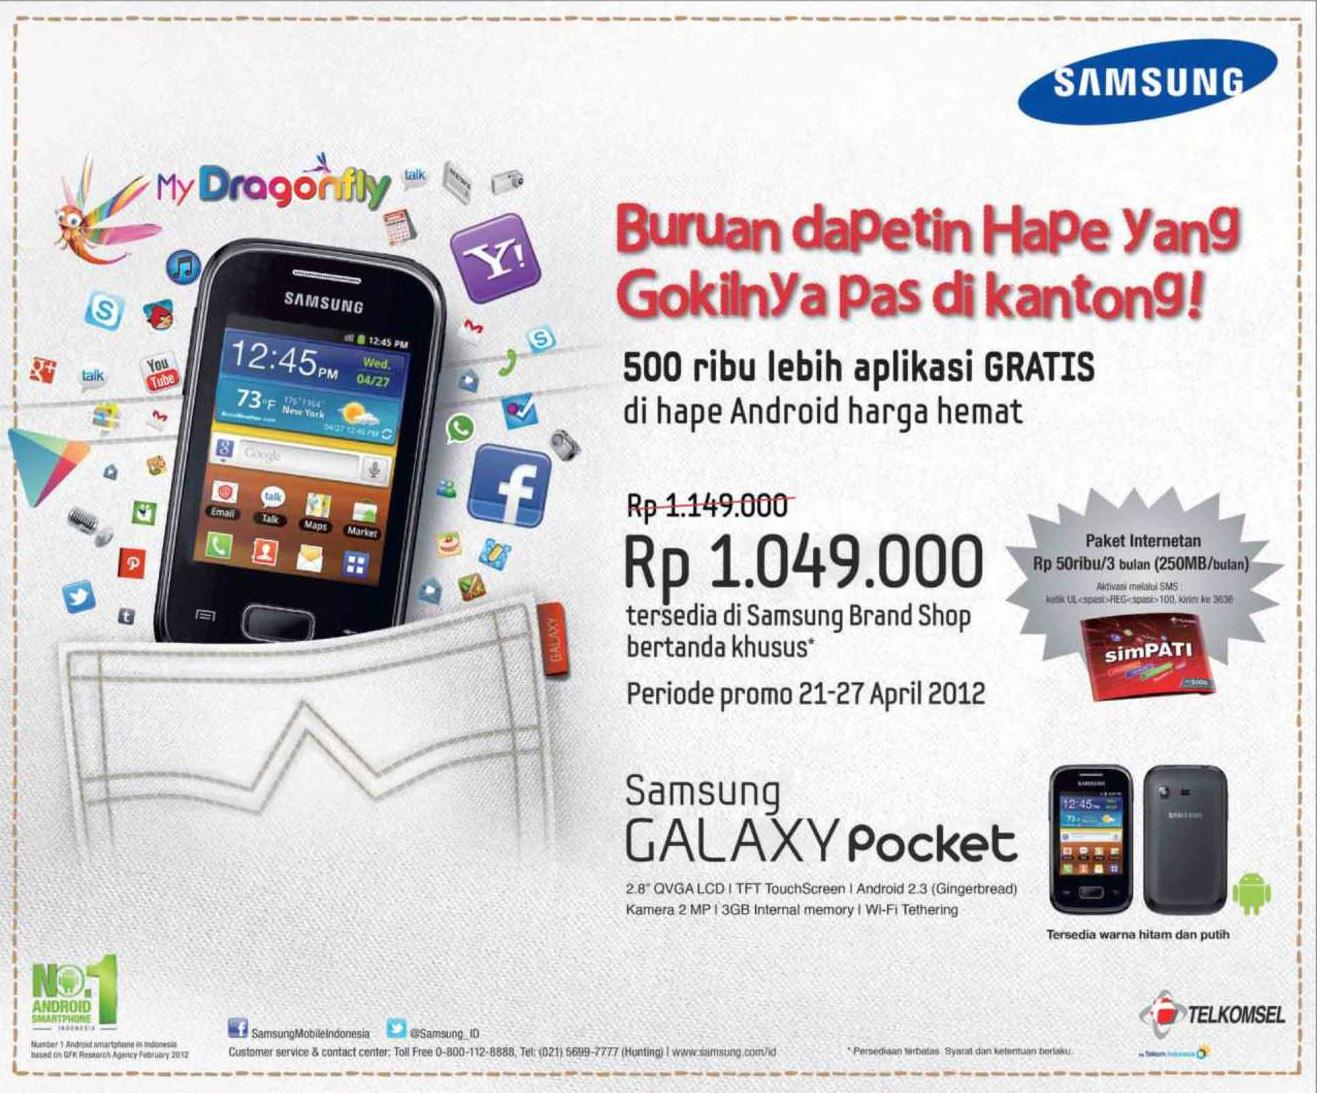 Harga Samsung Galaxy Pocket Rp. 1.049.000,- (Harga Hp Mei 2012)